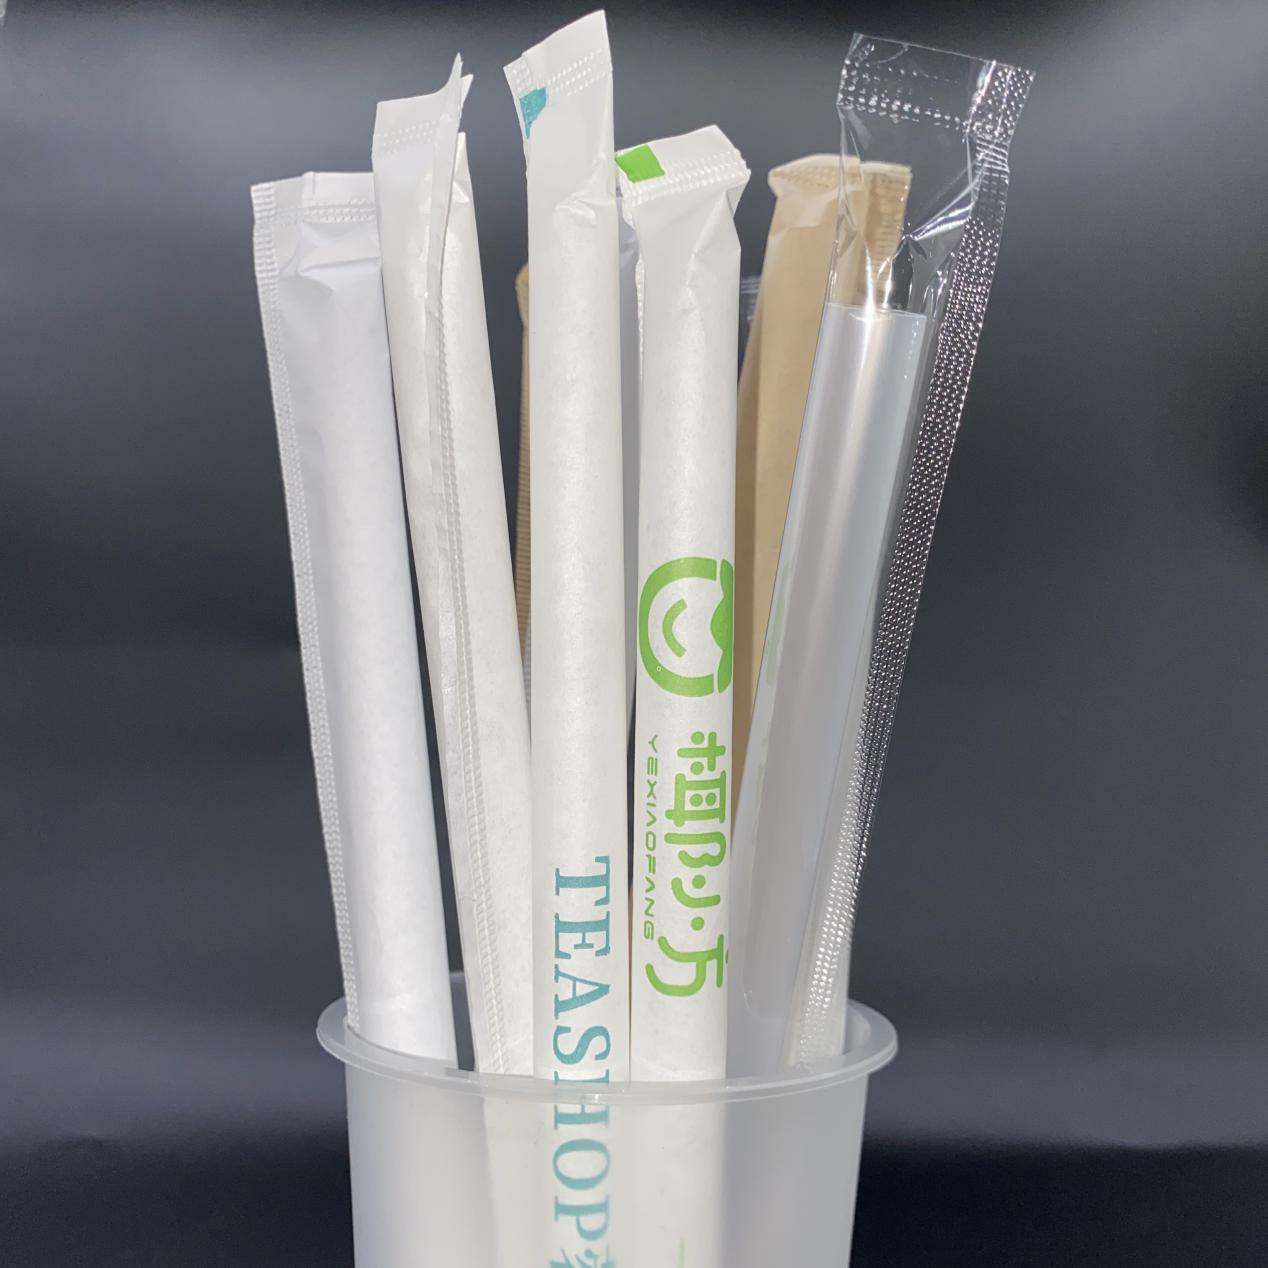 奶茶吸管廠家_奶茶吸管廠家直銷相關-成都匯悅美塑料制品有限公司